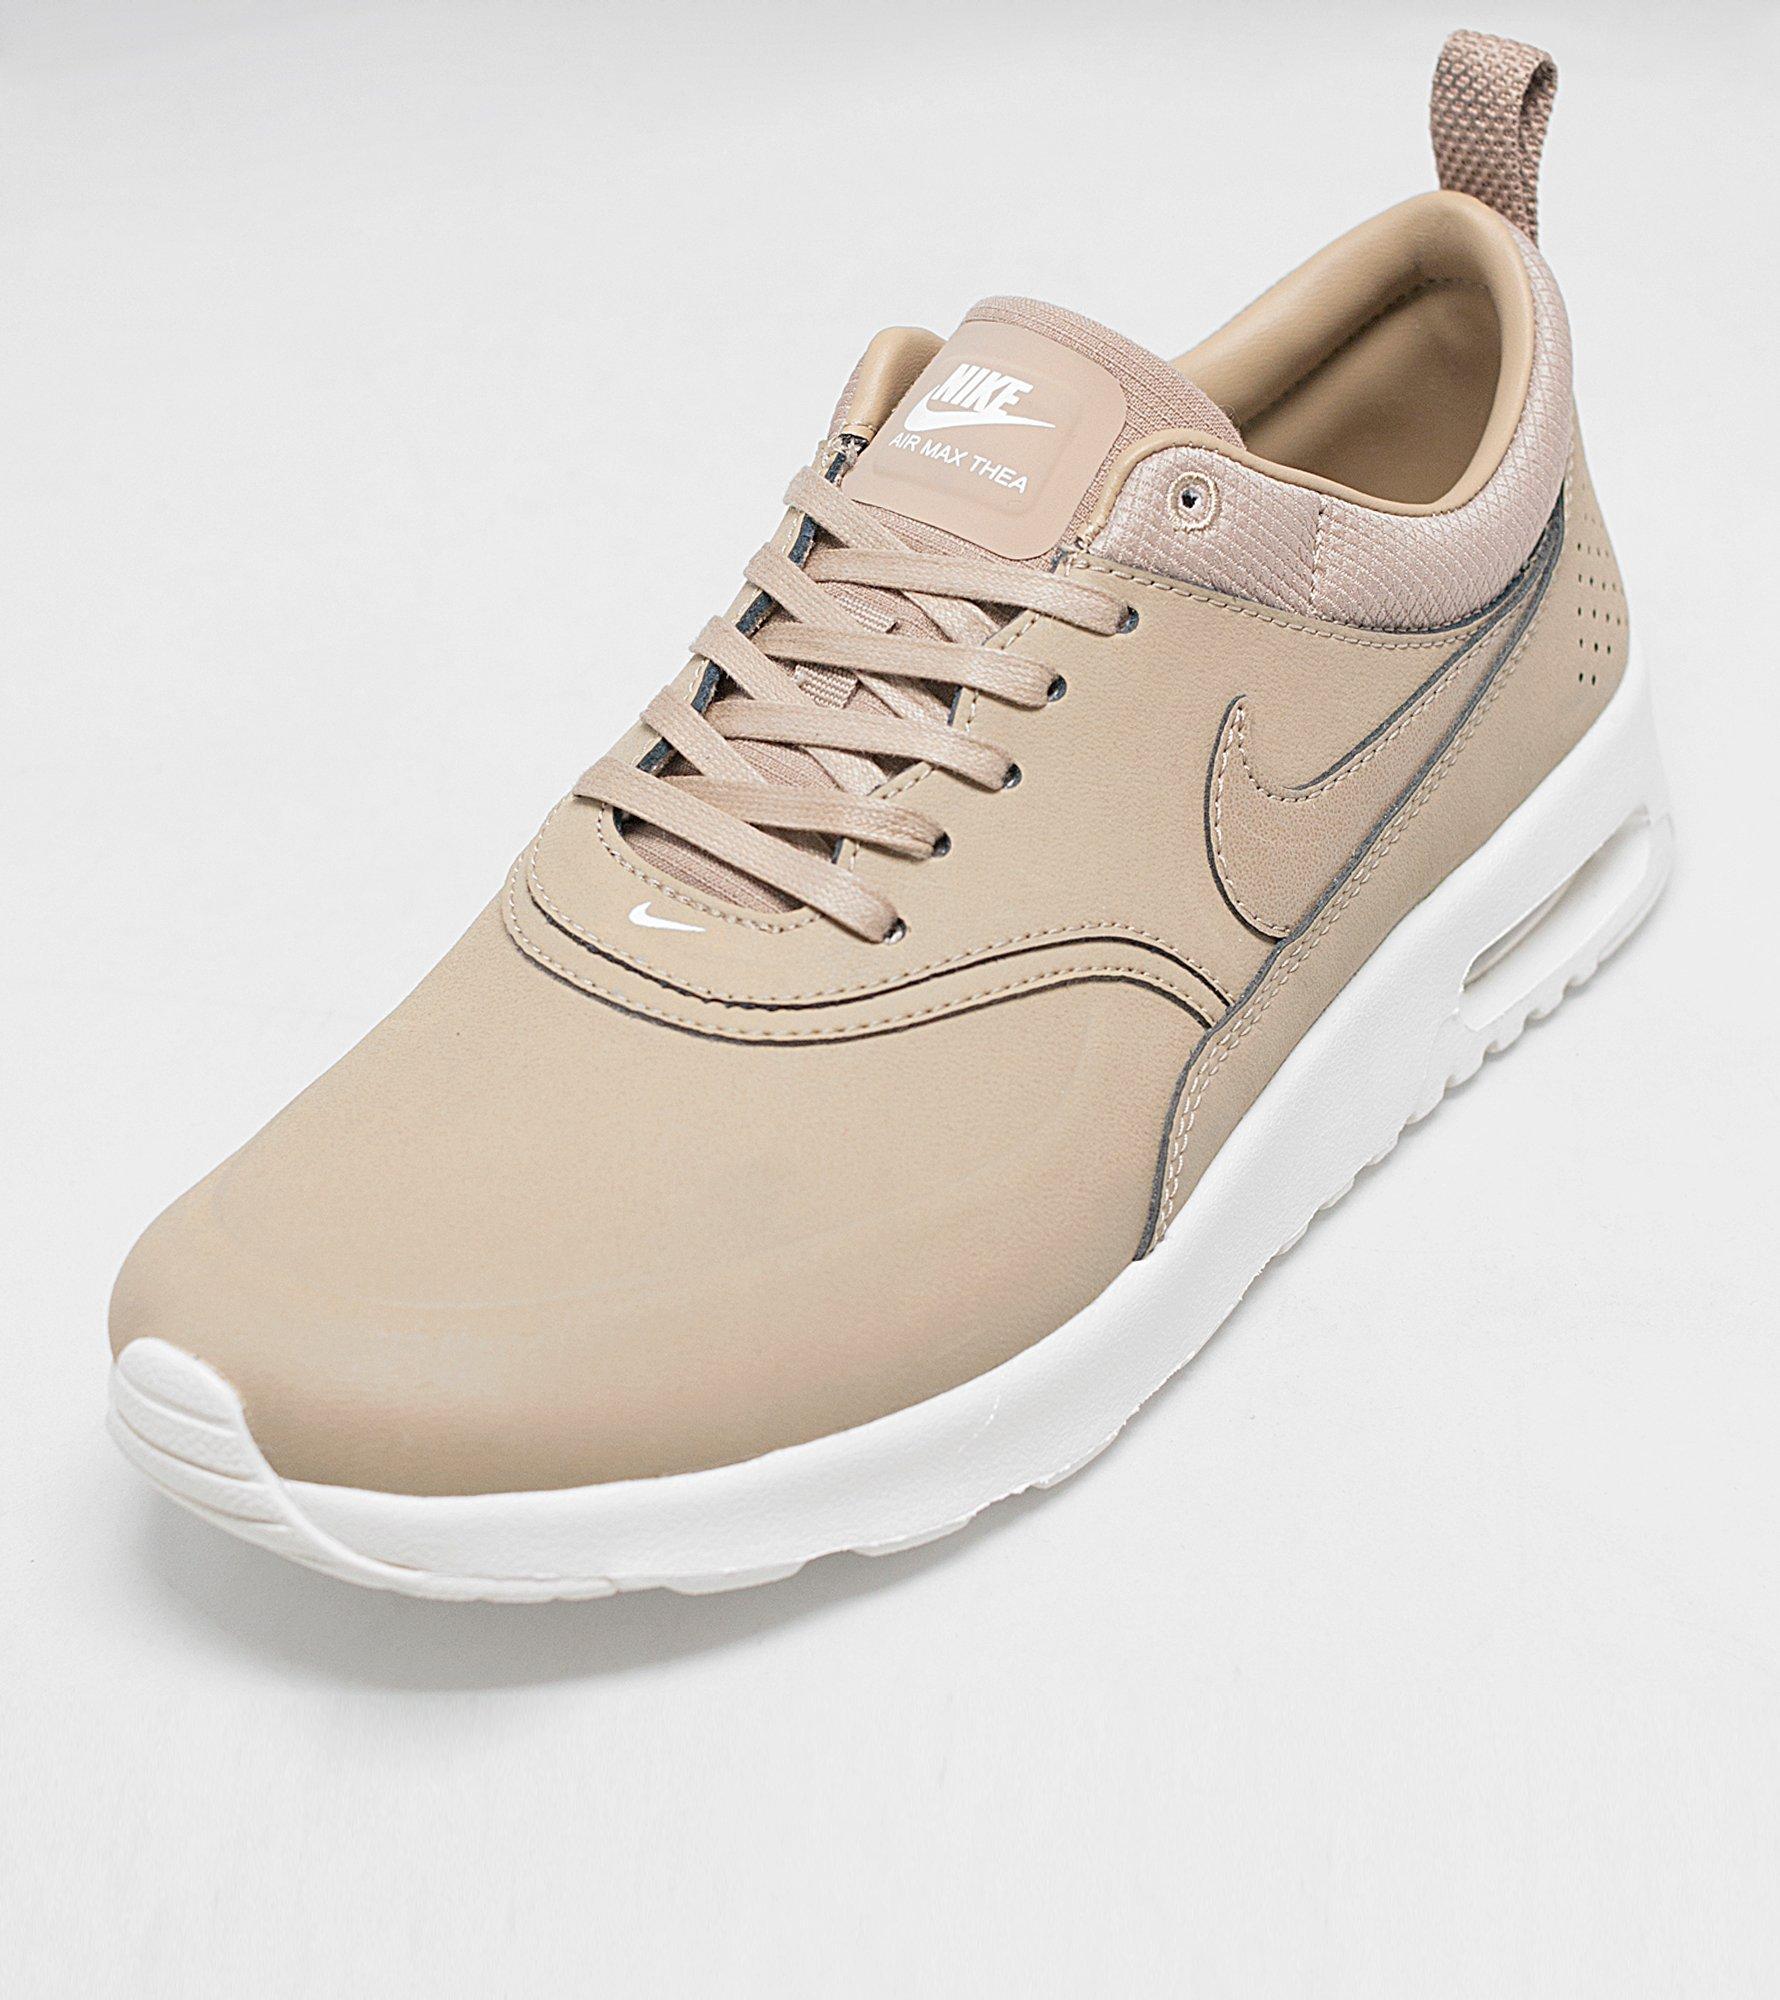 Nike Thea Air Max Chaussures En Cuir Thea Nike Premium Beige Précommander pour da1b73